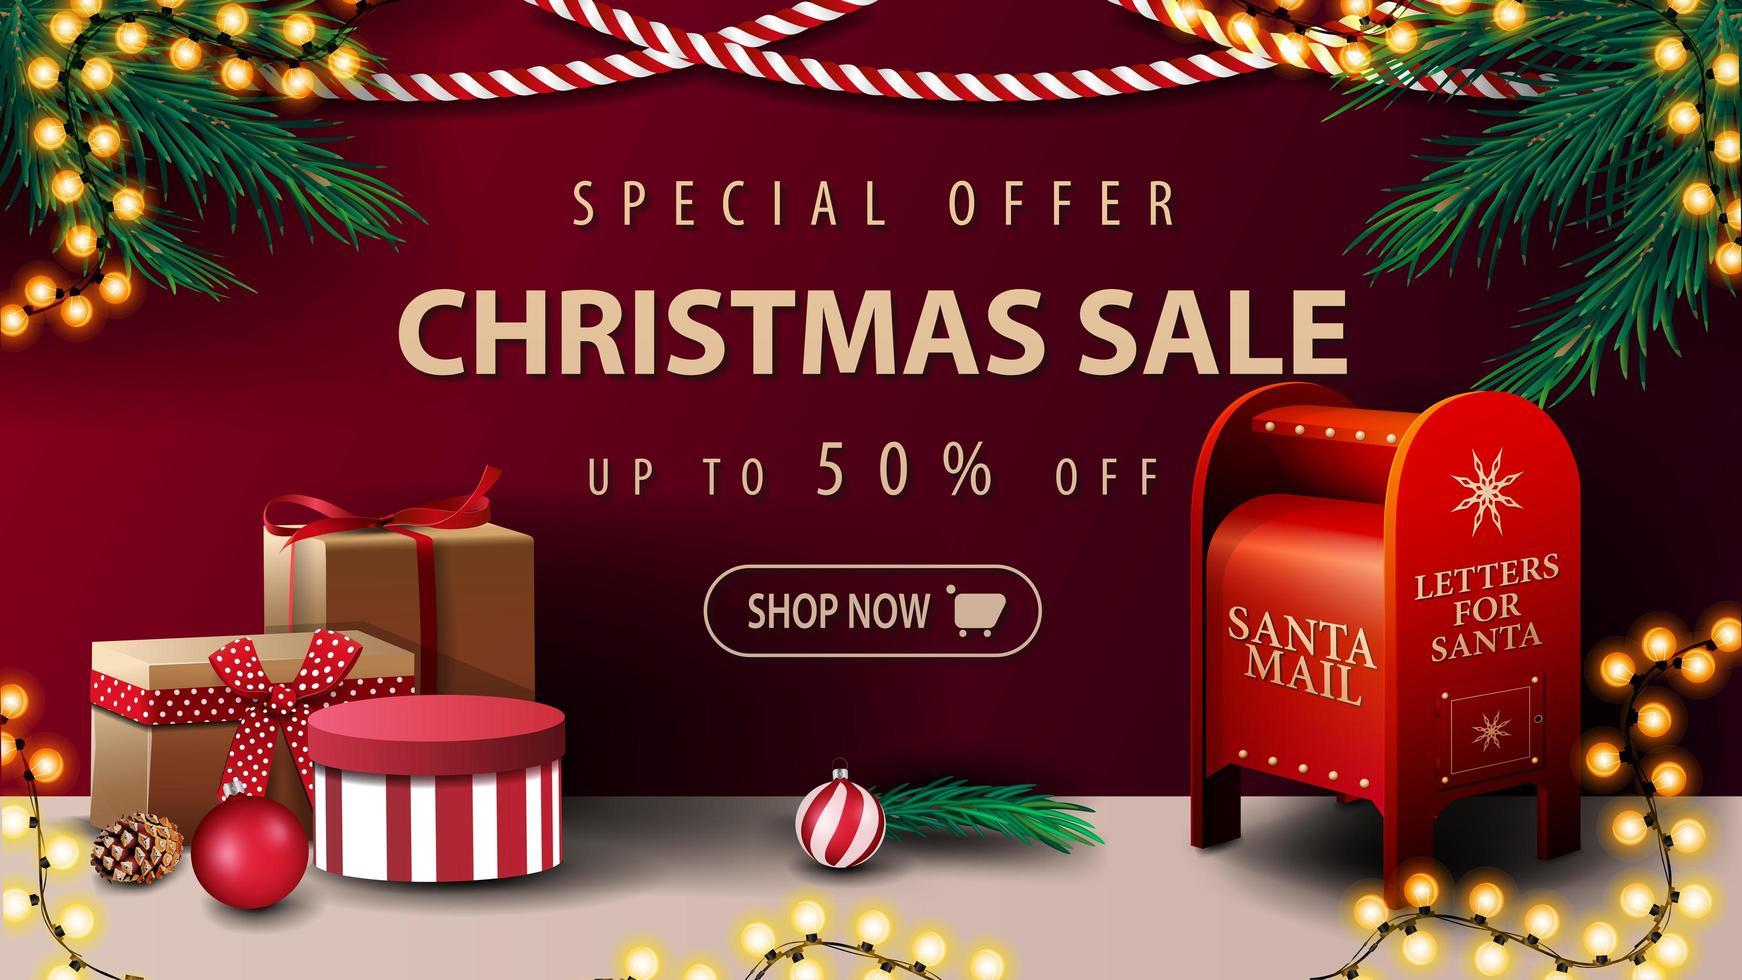 Sonderangebot, Weihnachtsverkauf, bis zu 50 Rabatt, Discaunt Banner mit Girlanden und Santa Briefkasten mit Geschenken vektor